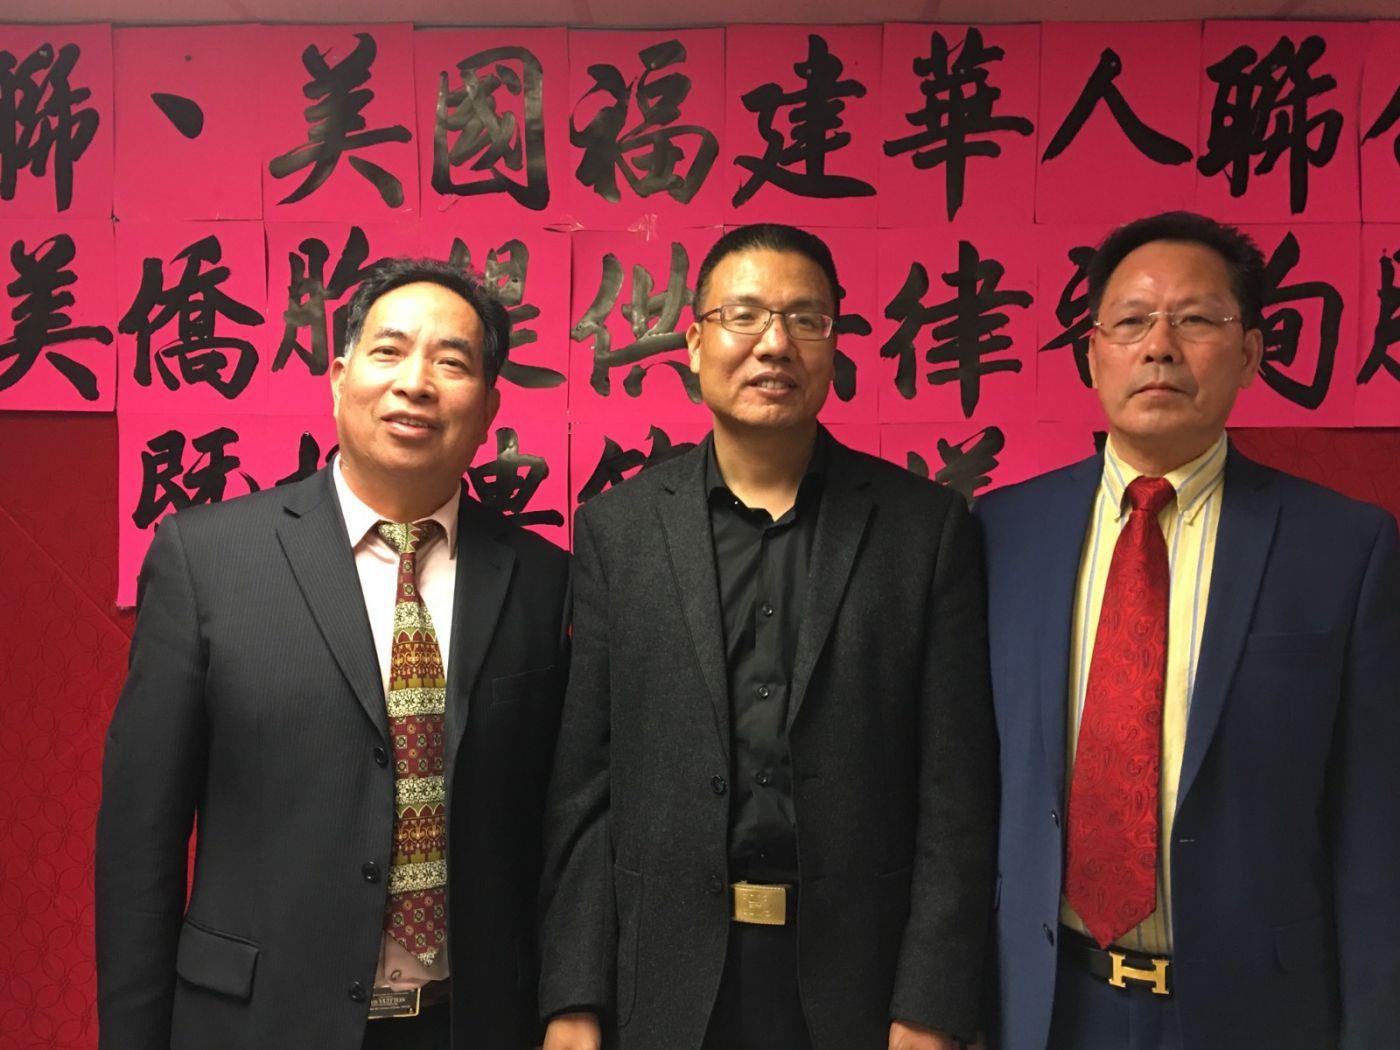 美国福建华人联合会欢迎福州市侨联主席蓝桂兰访美代表团一行 ... ..._图1-18